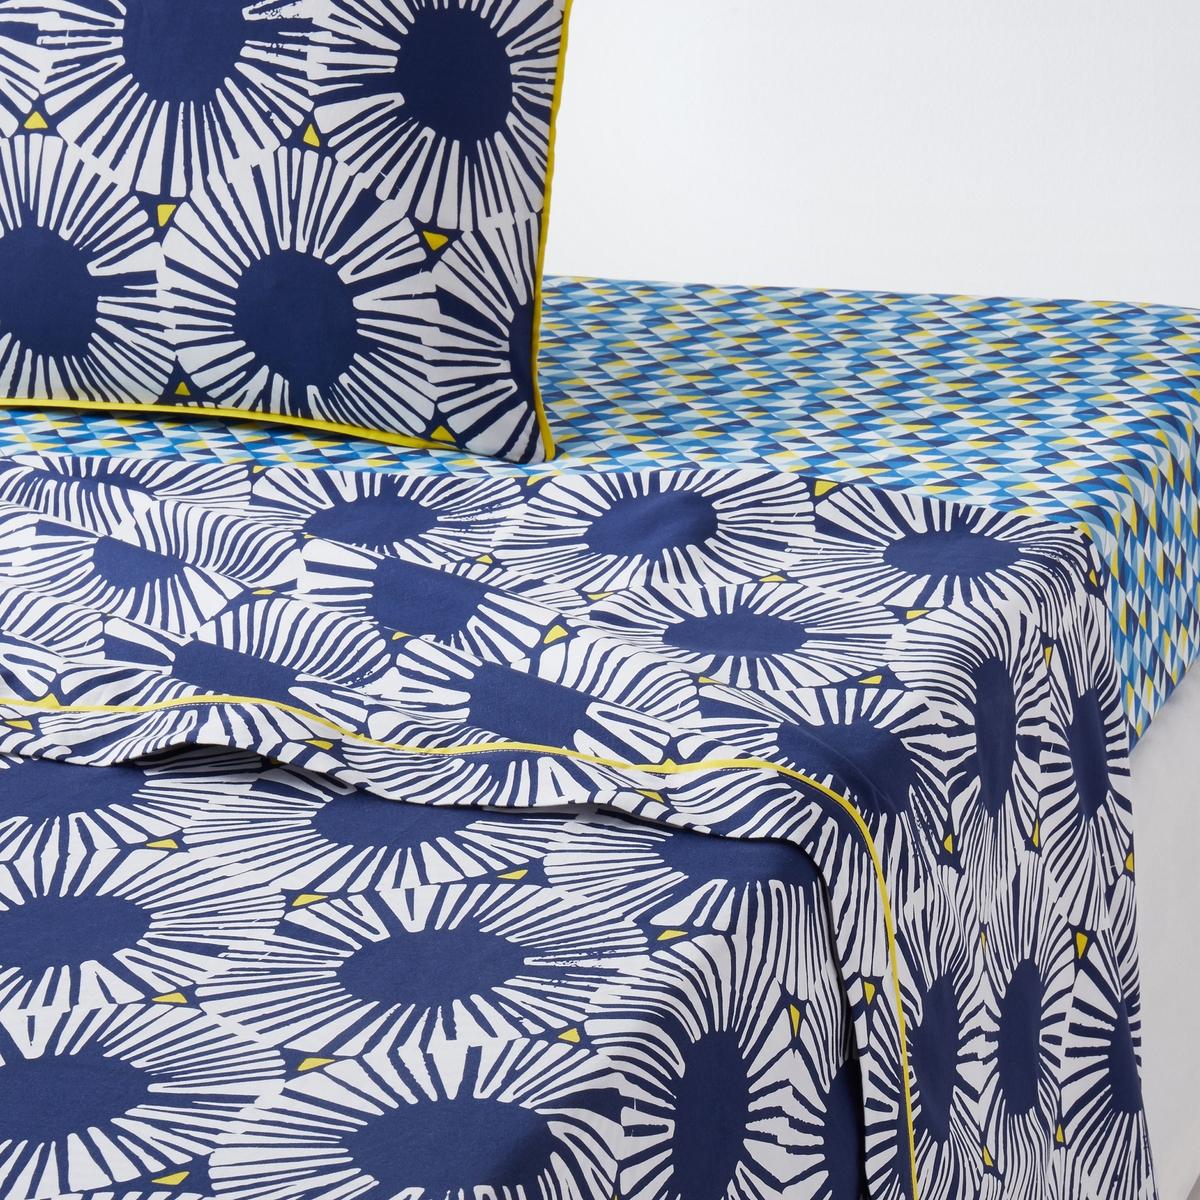 Простыня с рисунком, 100% хлопок, Blue RivieraПростыня с рисунком, 100% хлопок, Blue Riviera. Простыня Blue Riviera из 100% хлопка с рисунком в виде стилизованных роз, сочетающихся с другим бельем комплекта.Характеристики простыни Blue Riviera :Простыня с рисунком в виде стилизованных роз синего цвета.Отделка контрастным кантом желтого цвета.100% хлопок, 57 нитей/см? : чем больше нитей/см?, тем выше качество ткани.Легкость ухода.Машинная стирка при 60 °С.Всю коллекцию постельного белья Blue Riviera вы можете найти на сайте laredoute.ruРазмеры :180 x 290 см : 1-сп.240 х 290 см : 2-сп.270 x 290 см : 2-сп.Знак Oeko-Tex® гарантирует, что товары прошли проверку и были изготовлены без применения вредных для здоровья человека веществ.  Размеры:140 x 200 см : 1-сп.200 х 200 см : 1-2-сп.240 х 220 см : 2-сп.260 х 240 см : 2-сп.<br><br>Цвет: белый/синий/желтый<br>Размер: 240 x 290  см